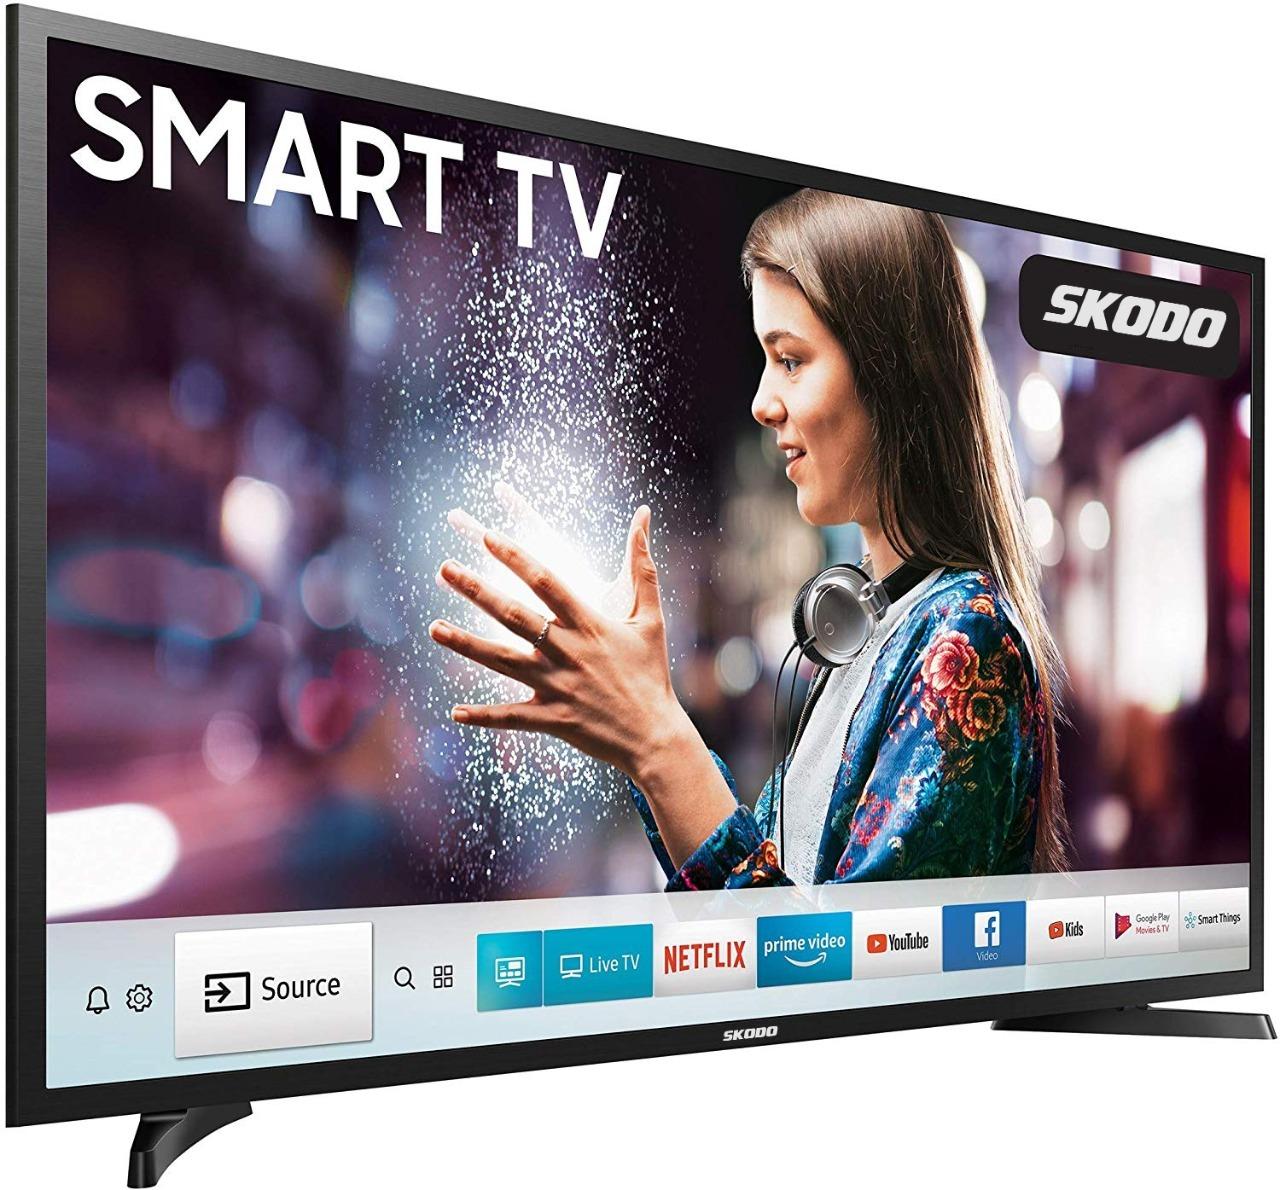 SKODO 42inch Full HD Smart TV